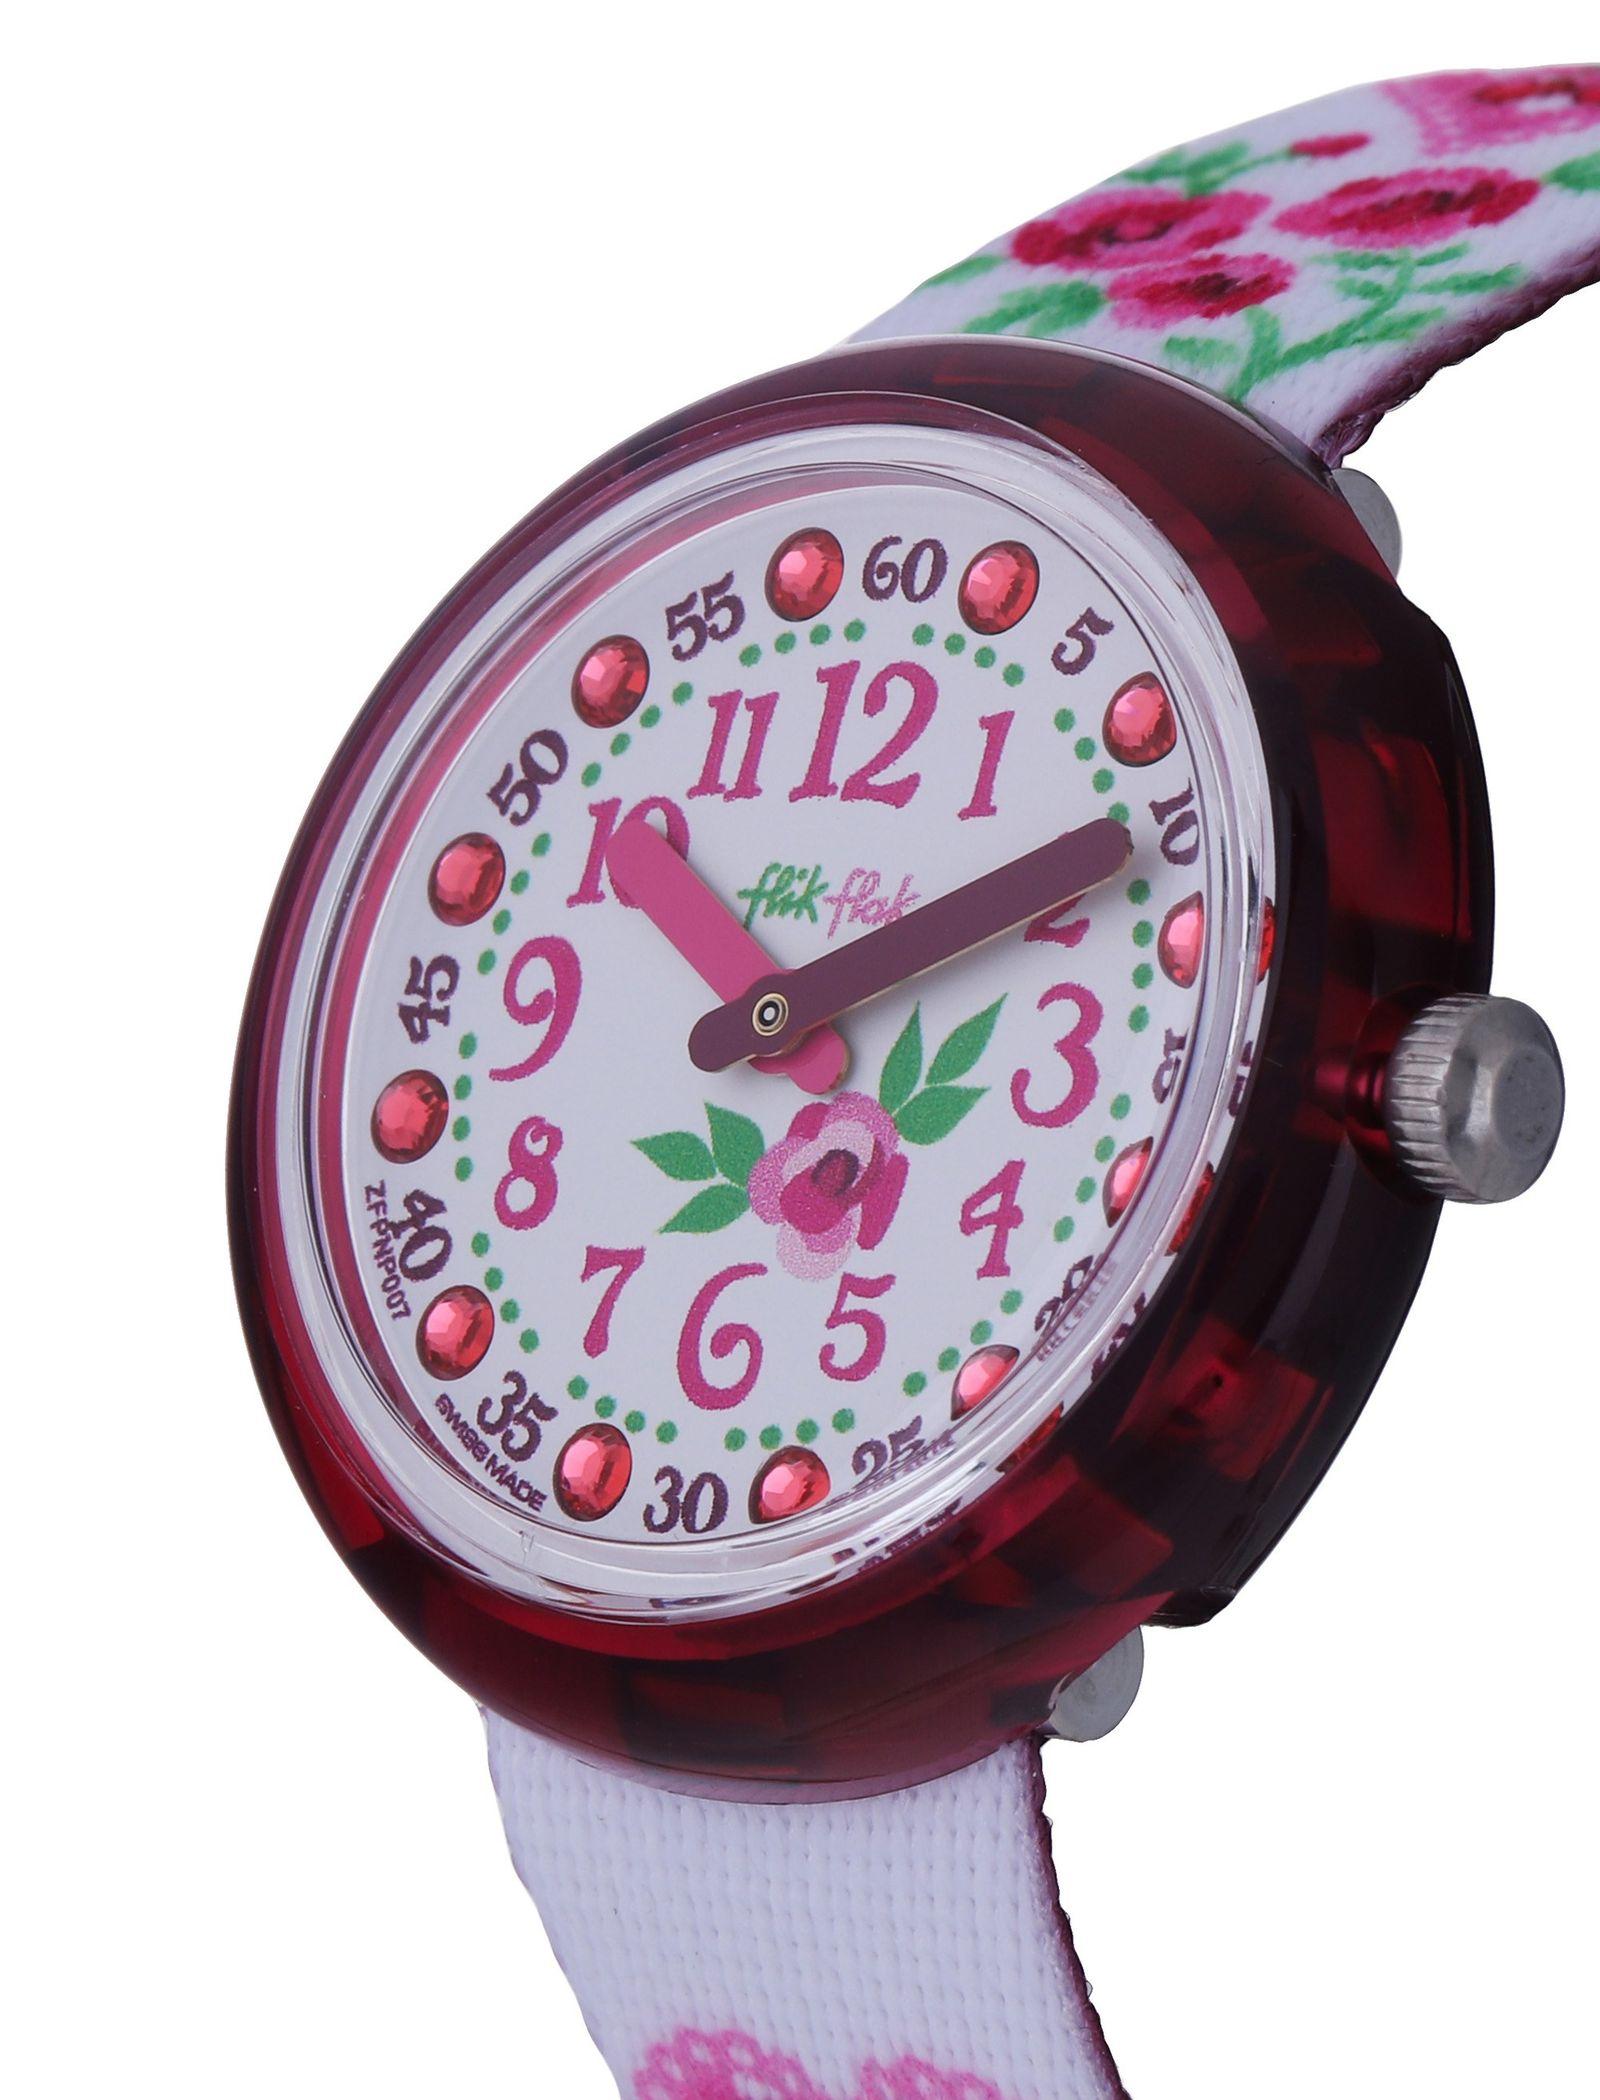 ساعت مچی عقربه ای بچگانه - فلیک فلاک - سفيد و صورتي - 4